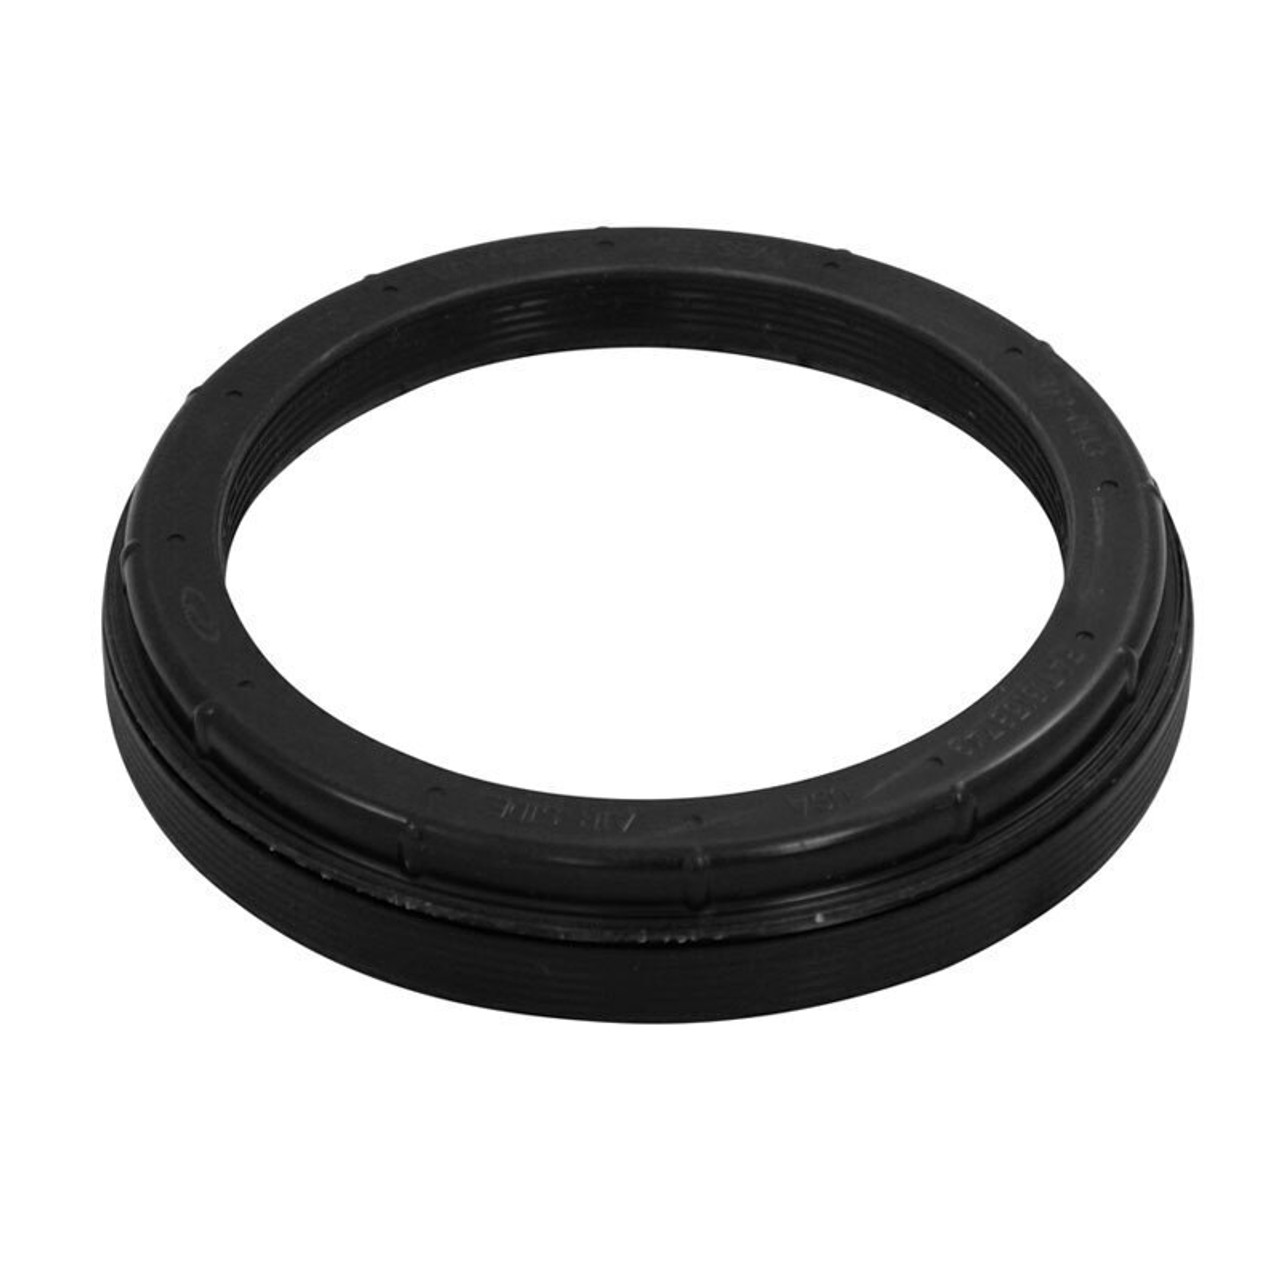 STEMCO / 373-0243 / Oil Seal (Discover)